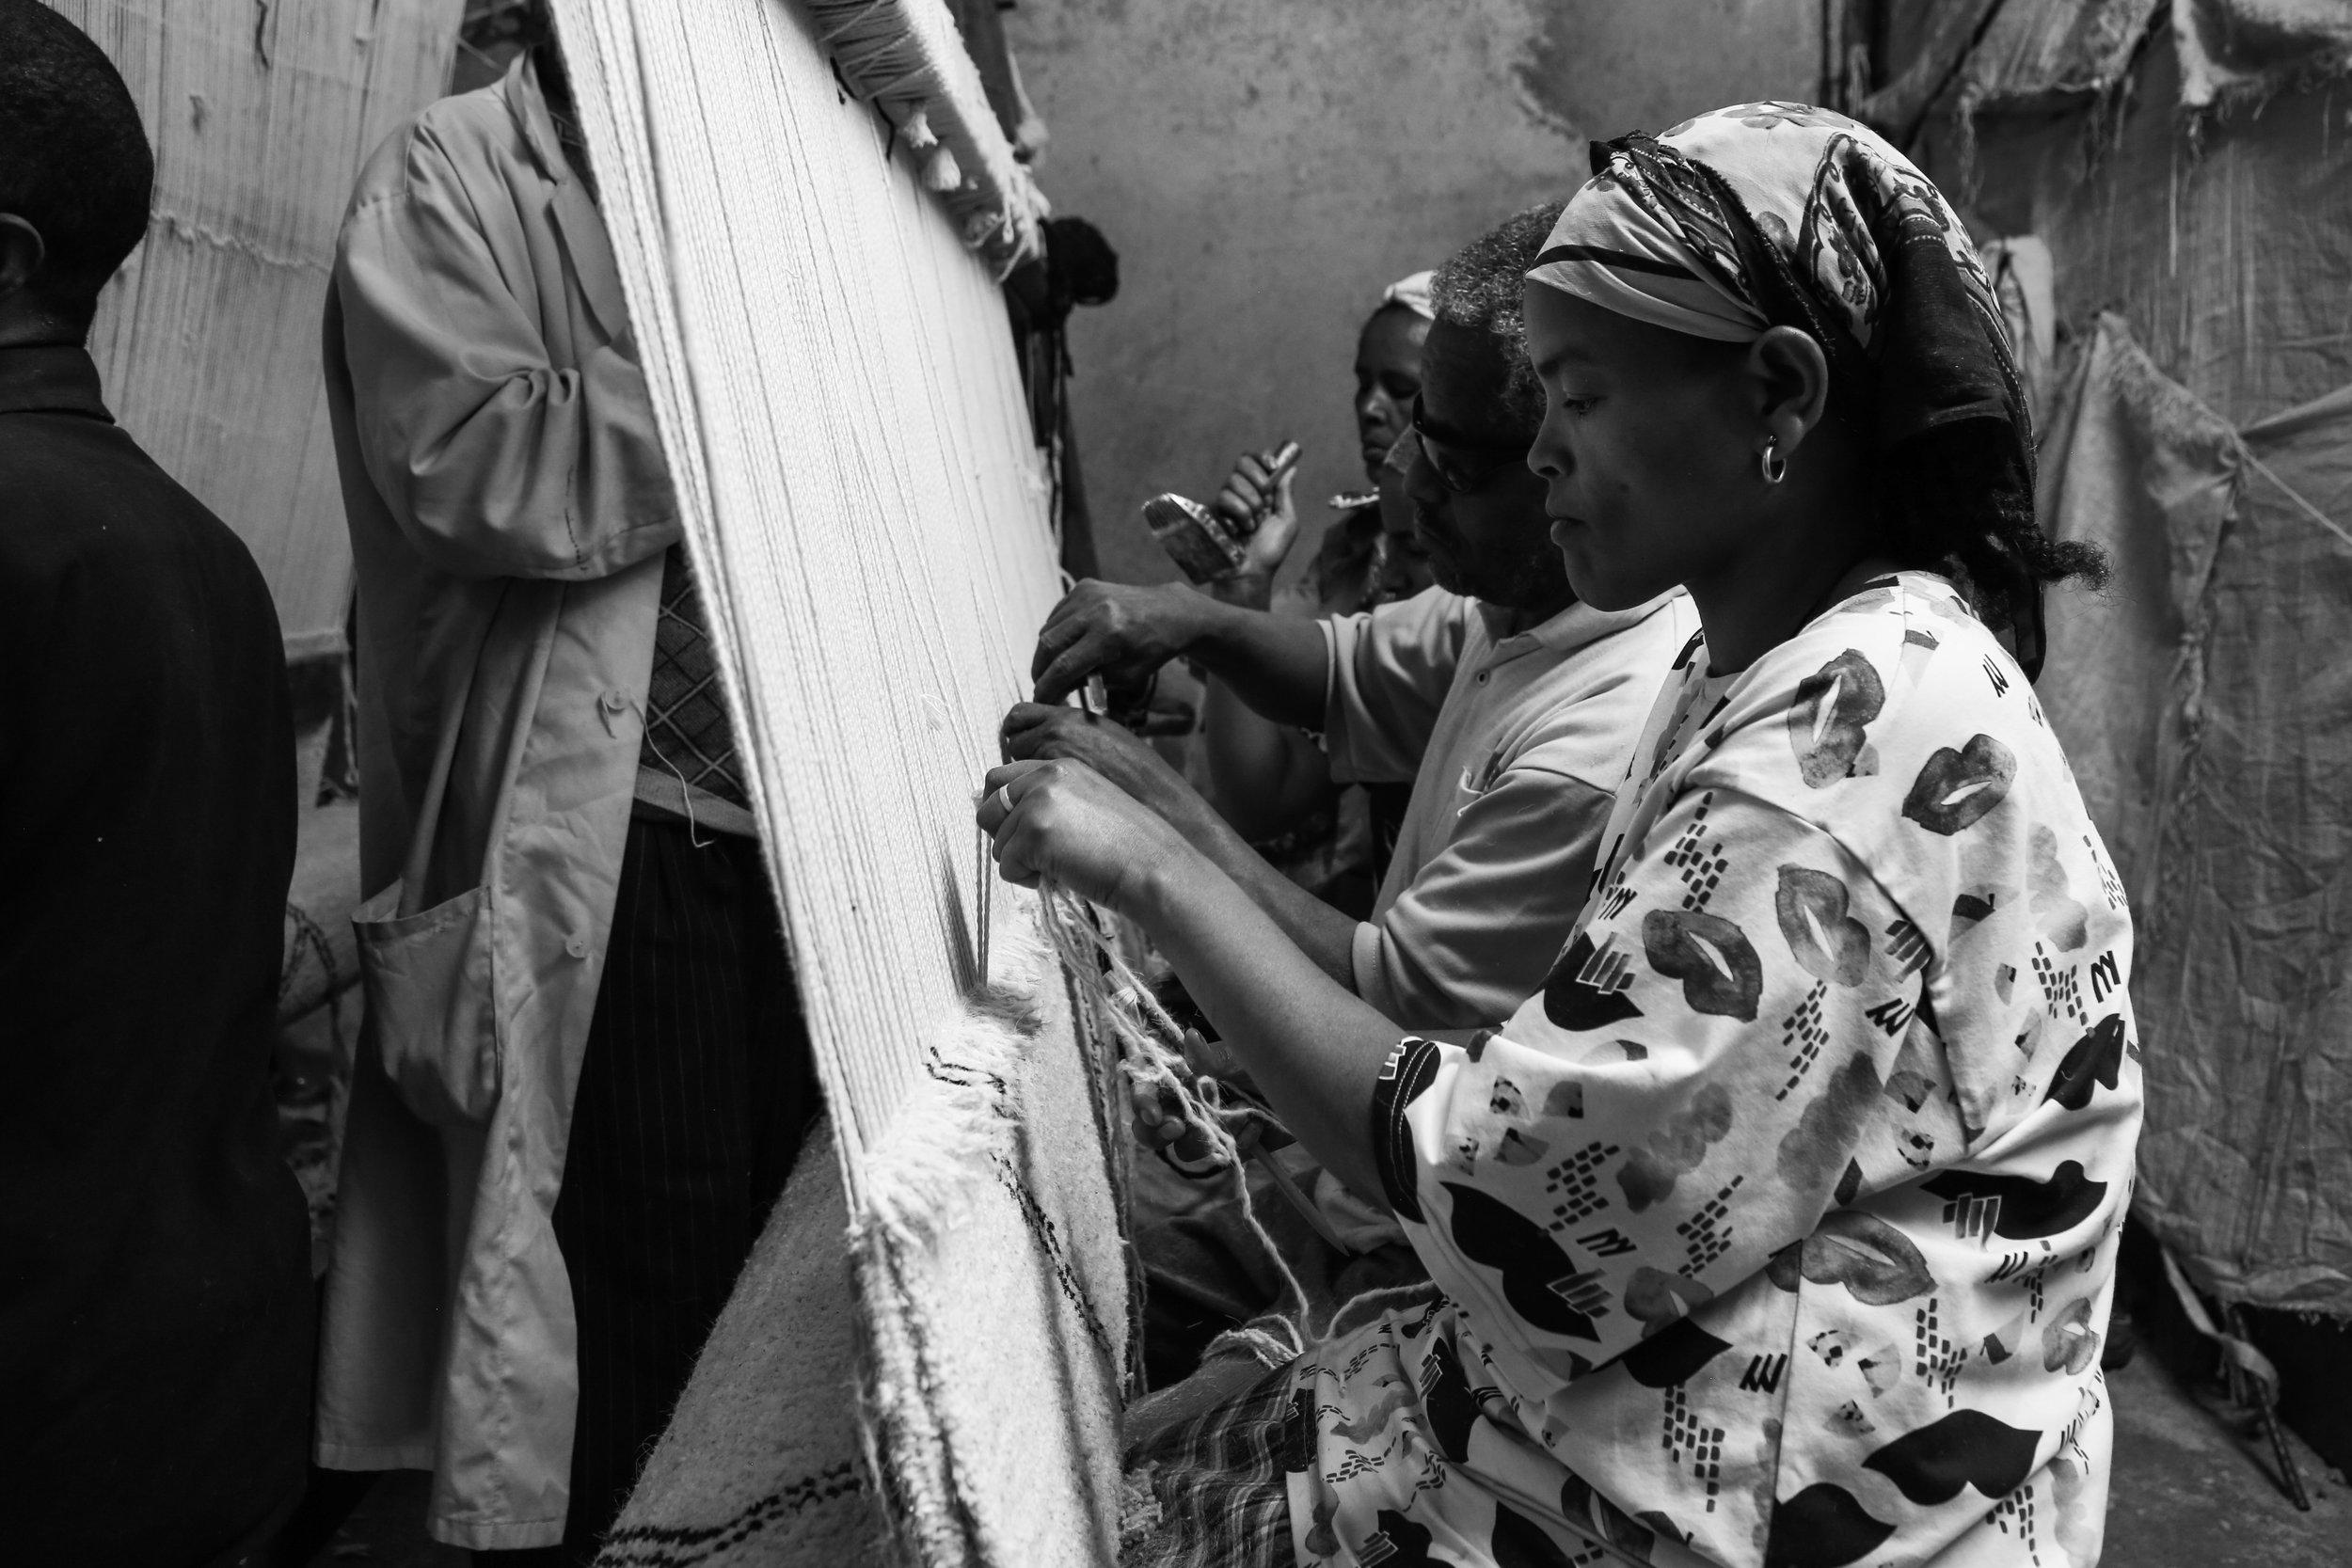 Image: Sera Helsinki Ethical Production in Ethiopia